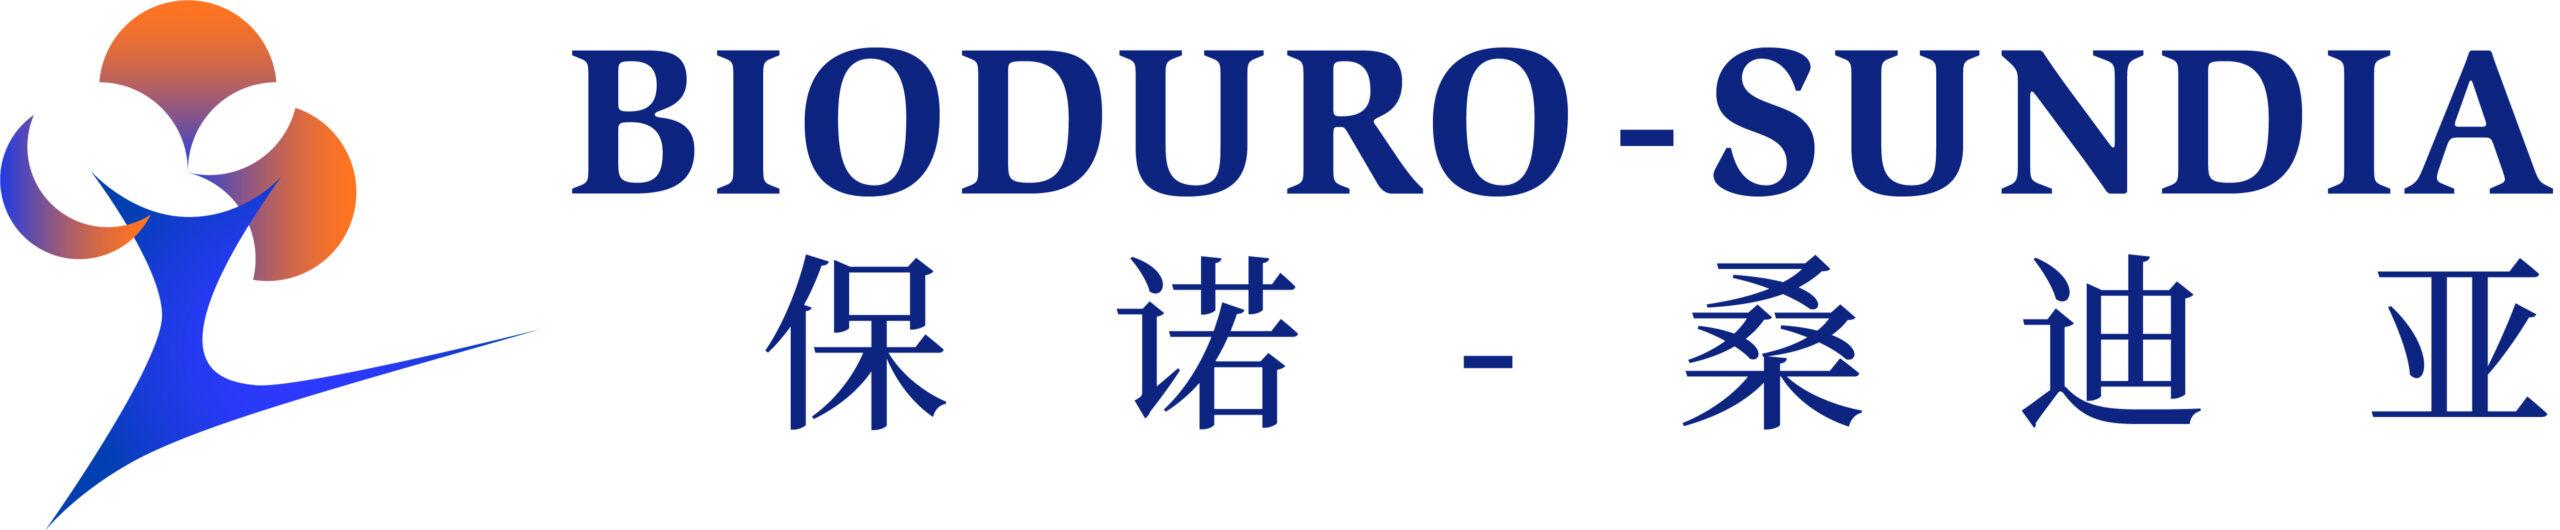 Bioduro-Sundia-sublogo-FullColour